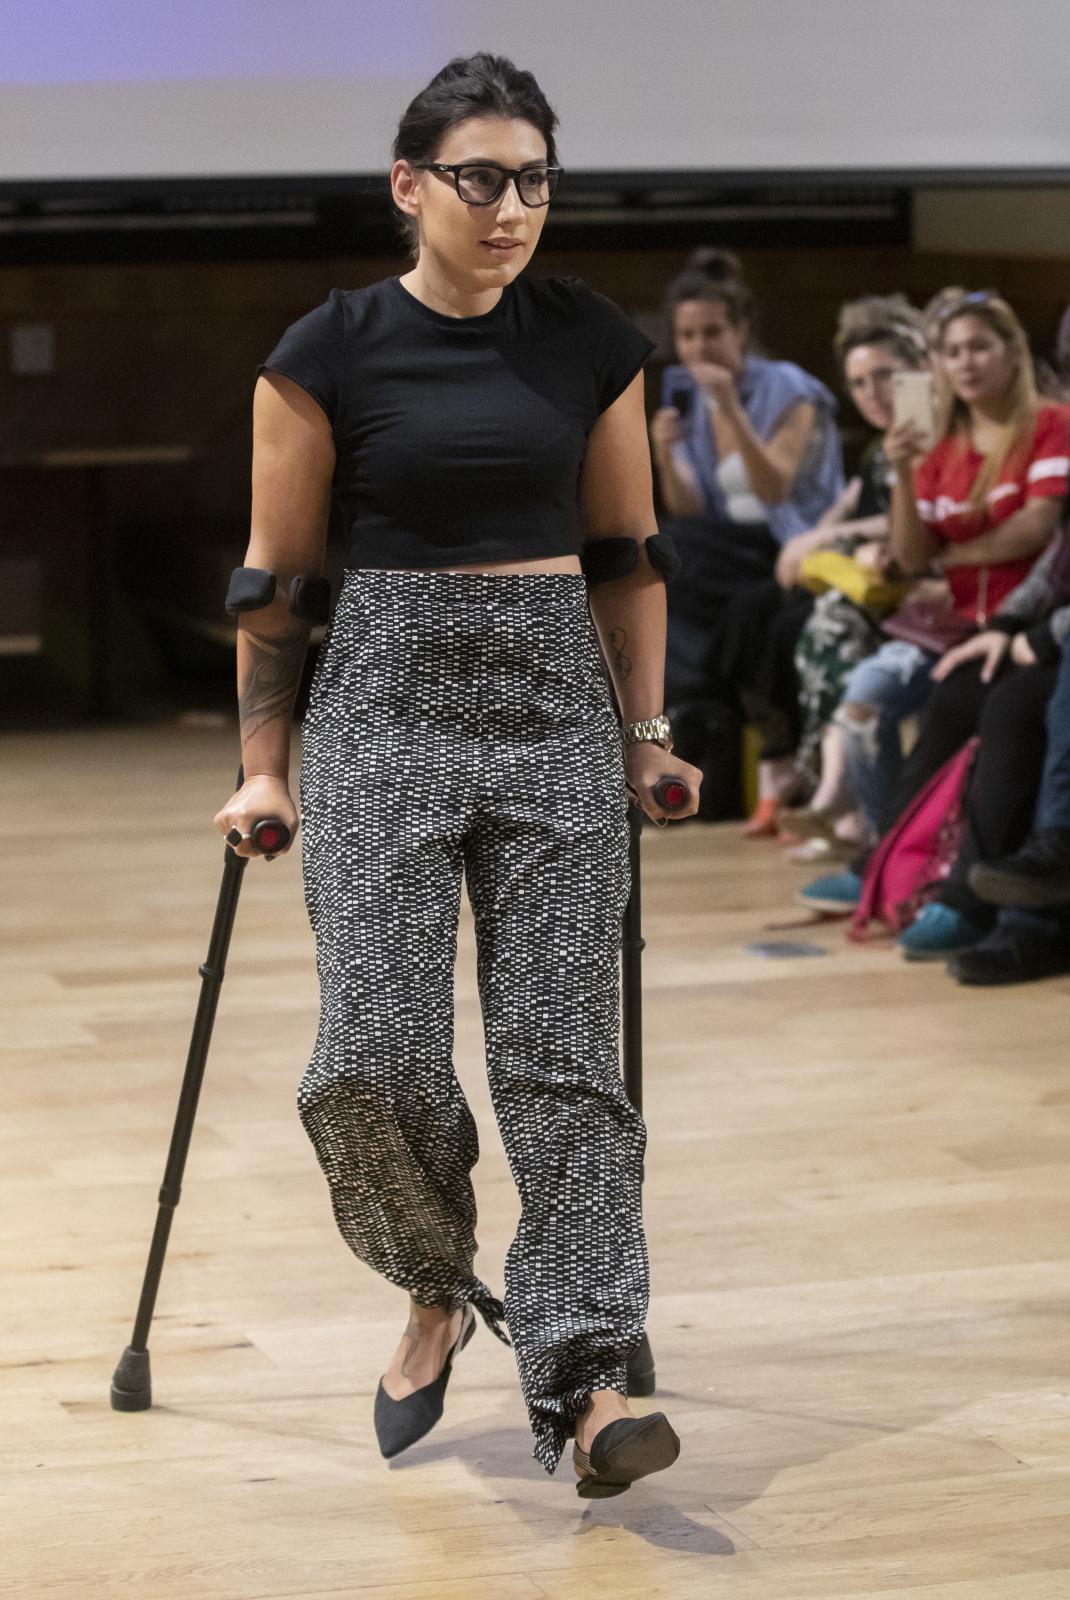 Pokazy mody Fashion Revolution X Israel obejmują marki, które opracowały unikalne podejście do tworzenia zrównoważonej mody dla niepełnosprawnych. Impreza odbywa się w jednym z kilkunastu zakładów pracy w Izraelu. Fot. EPA/JIM HOLLANDER